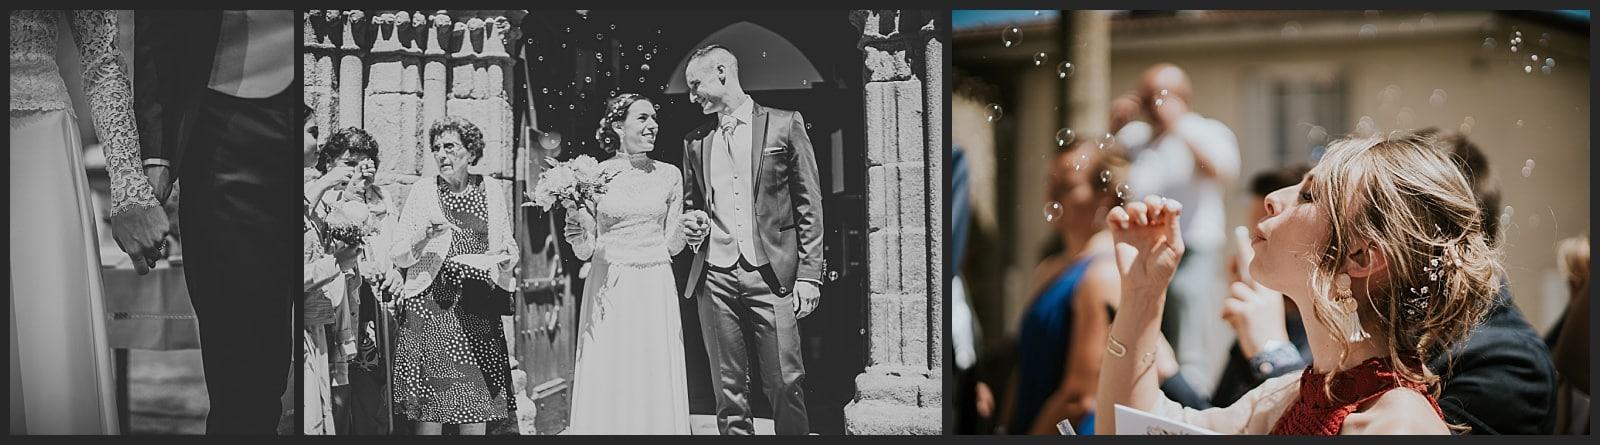 Sortie mariés Photo église St martin d'Isle près de Limoges et femme qui souffle des bulles